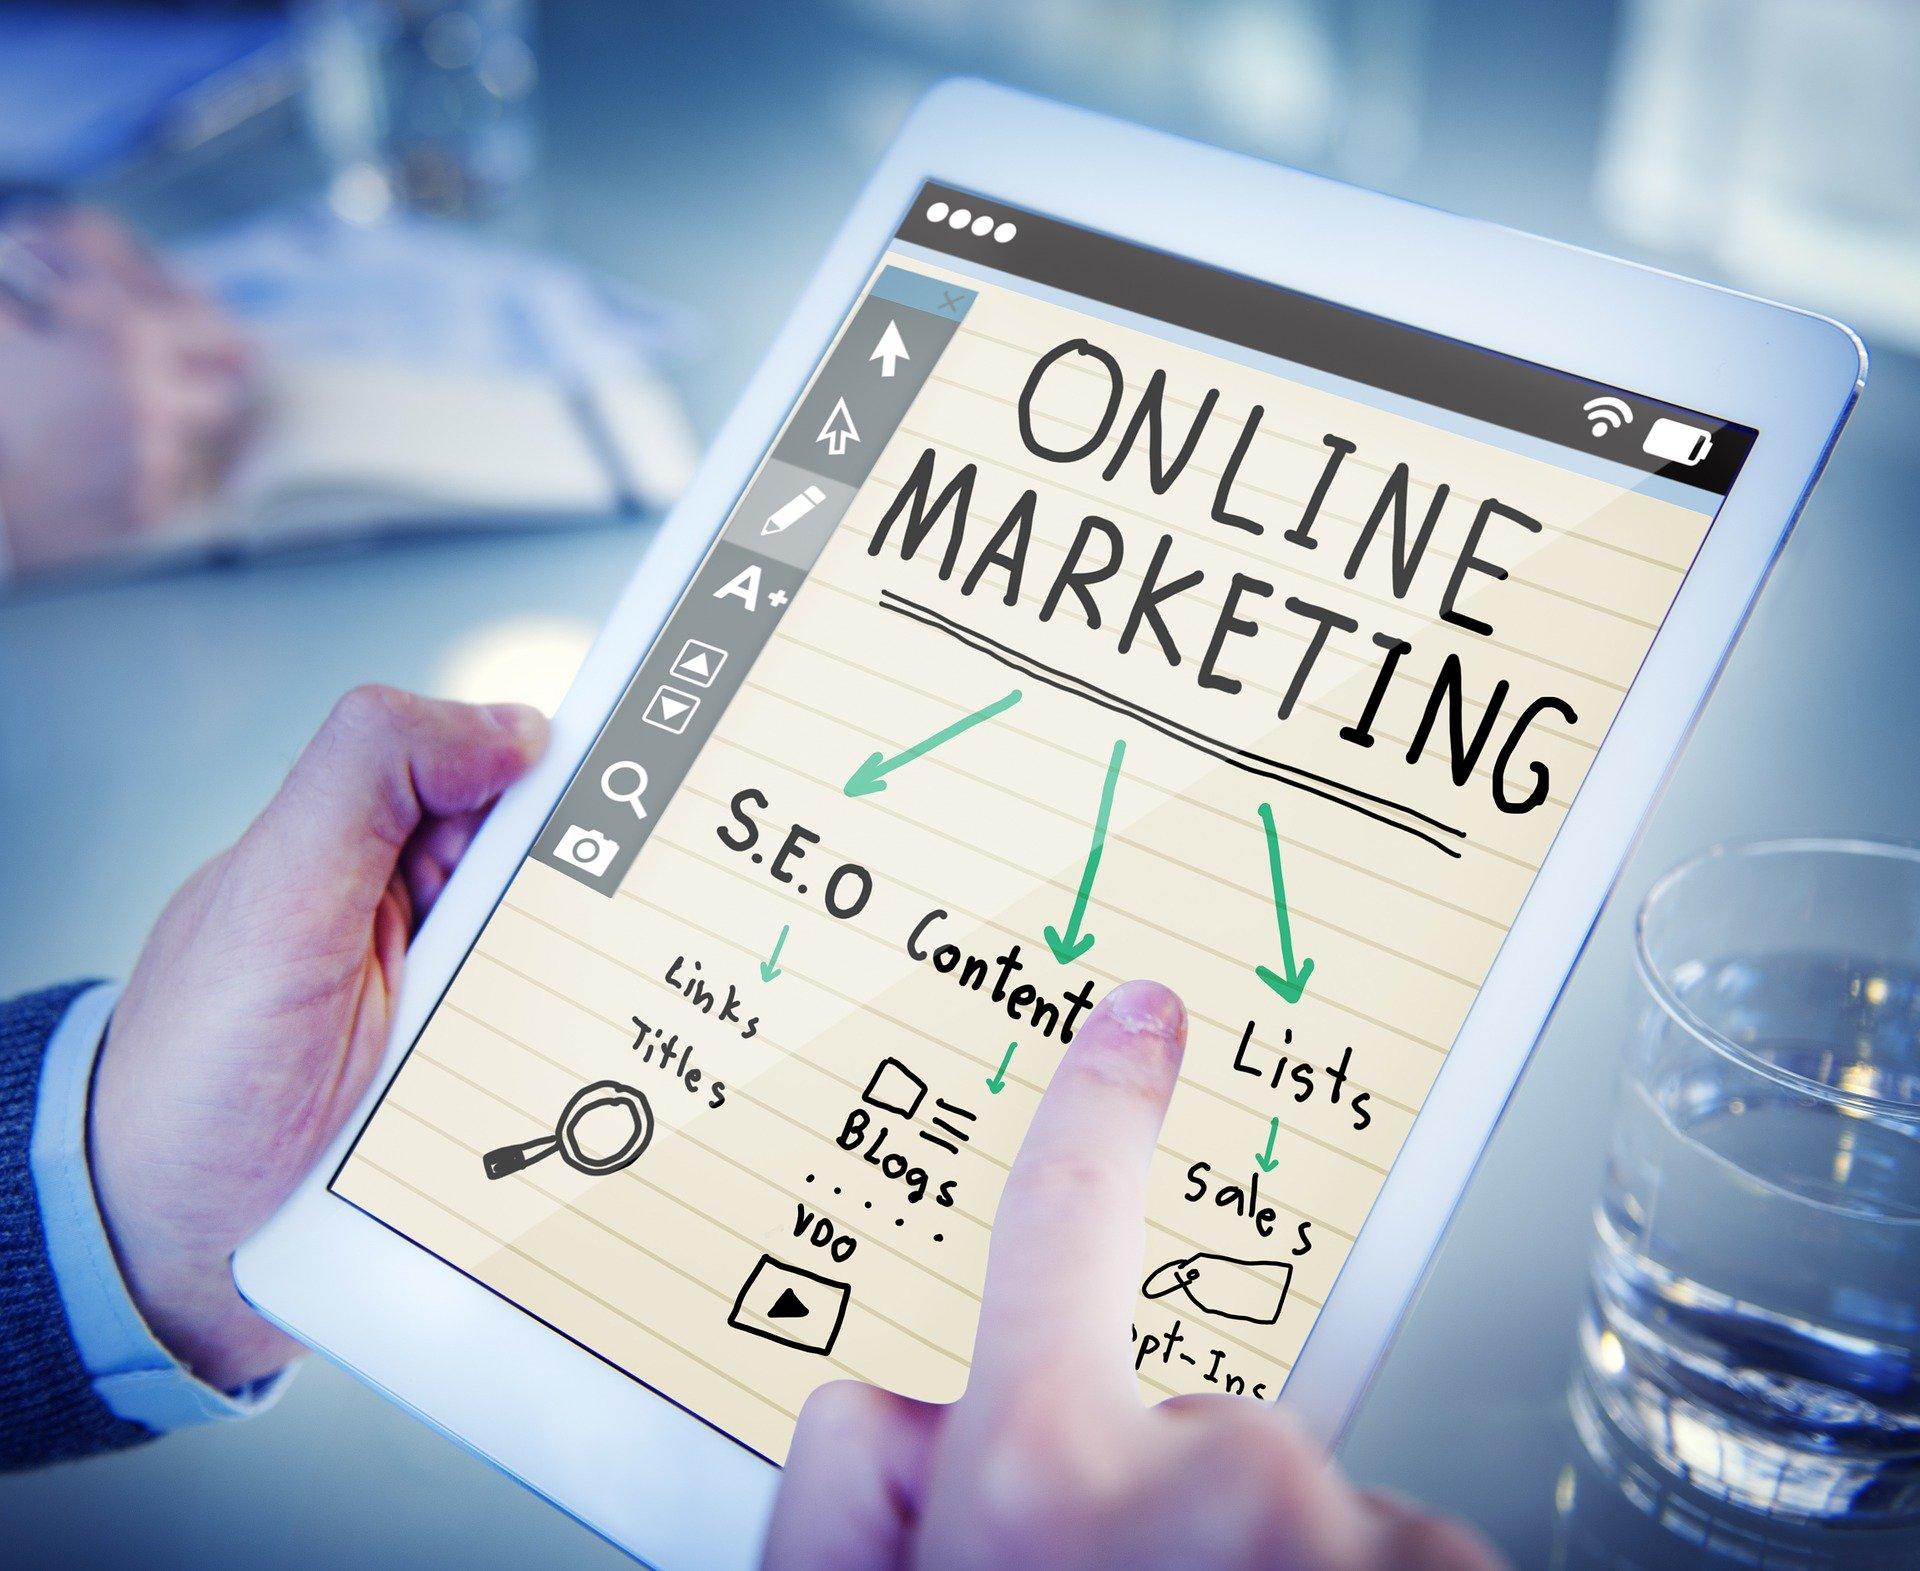 online markedsføring forklaret på et billede